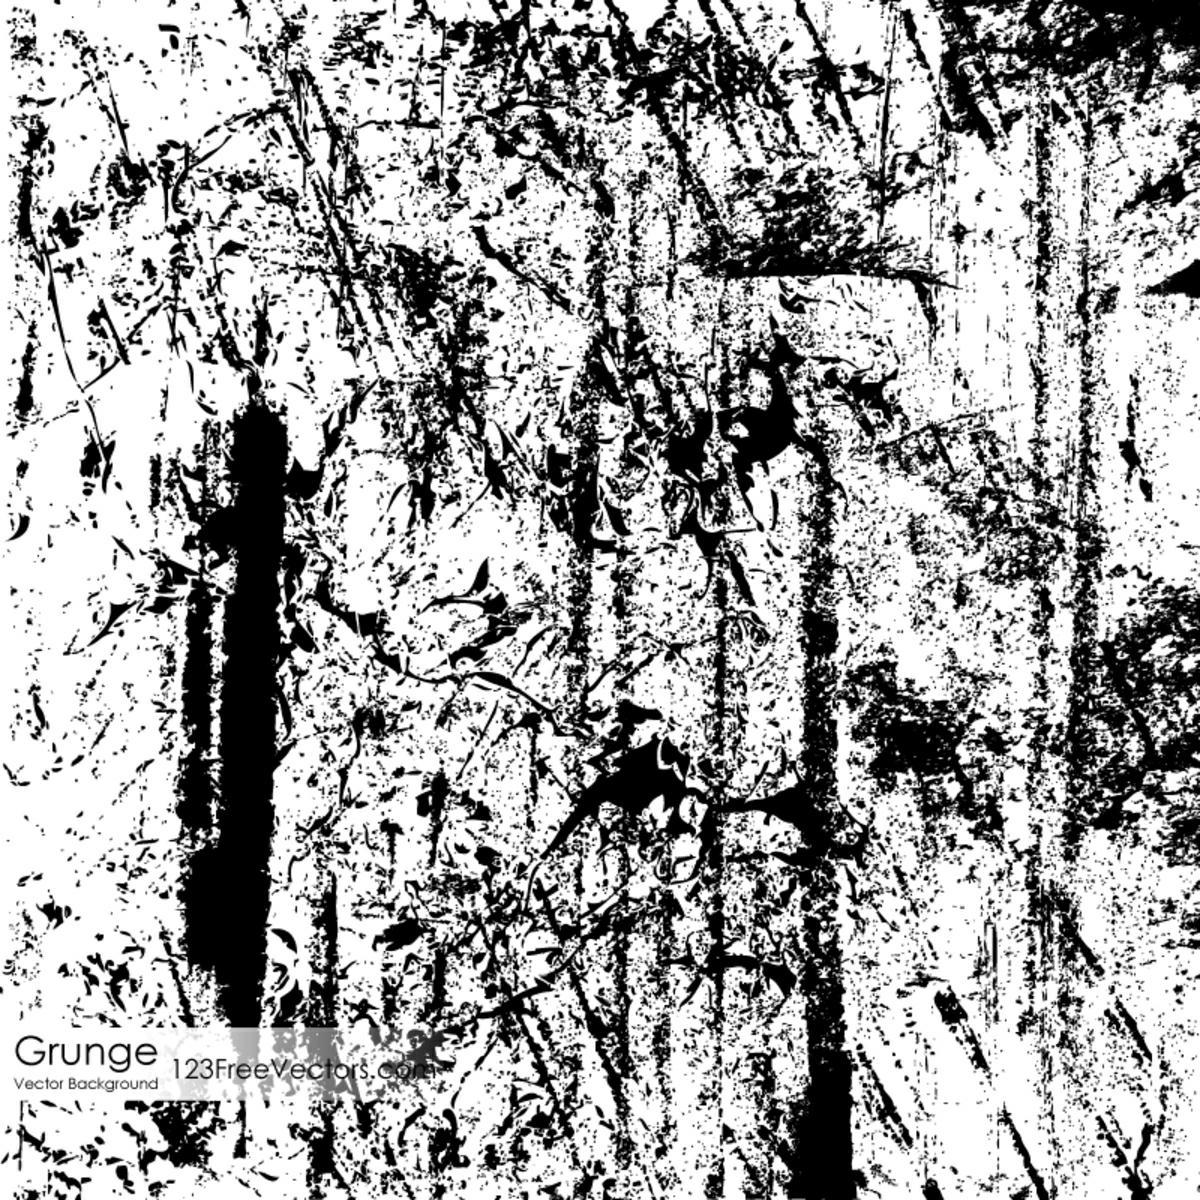 0009_纹理_AI复古破旧痕迹纹理背景矢量设计素材大图02辑-Grunge-Background-008_xPX_AI_DPI_4.5_0